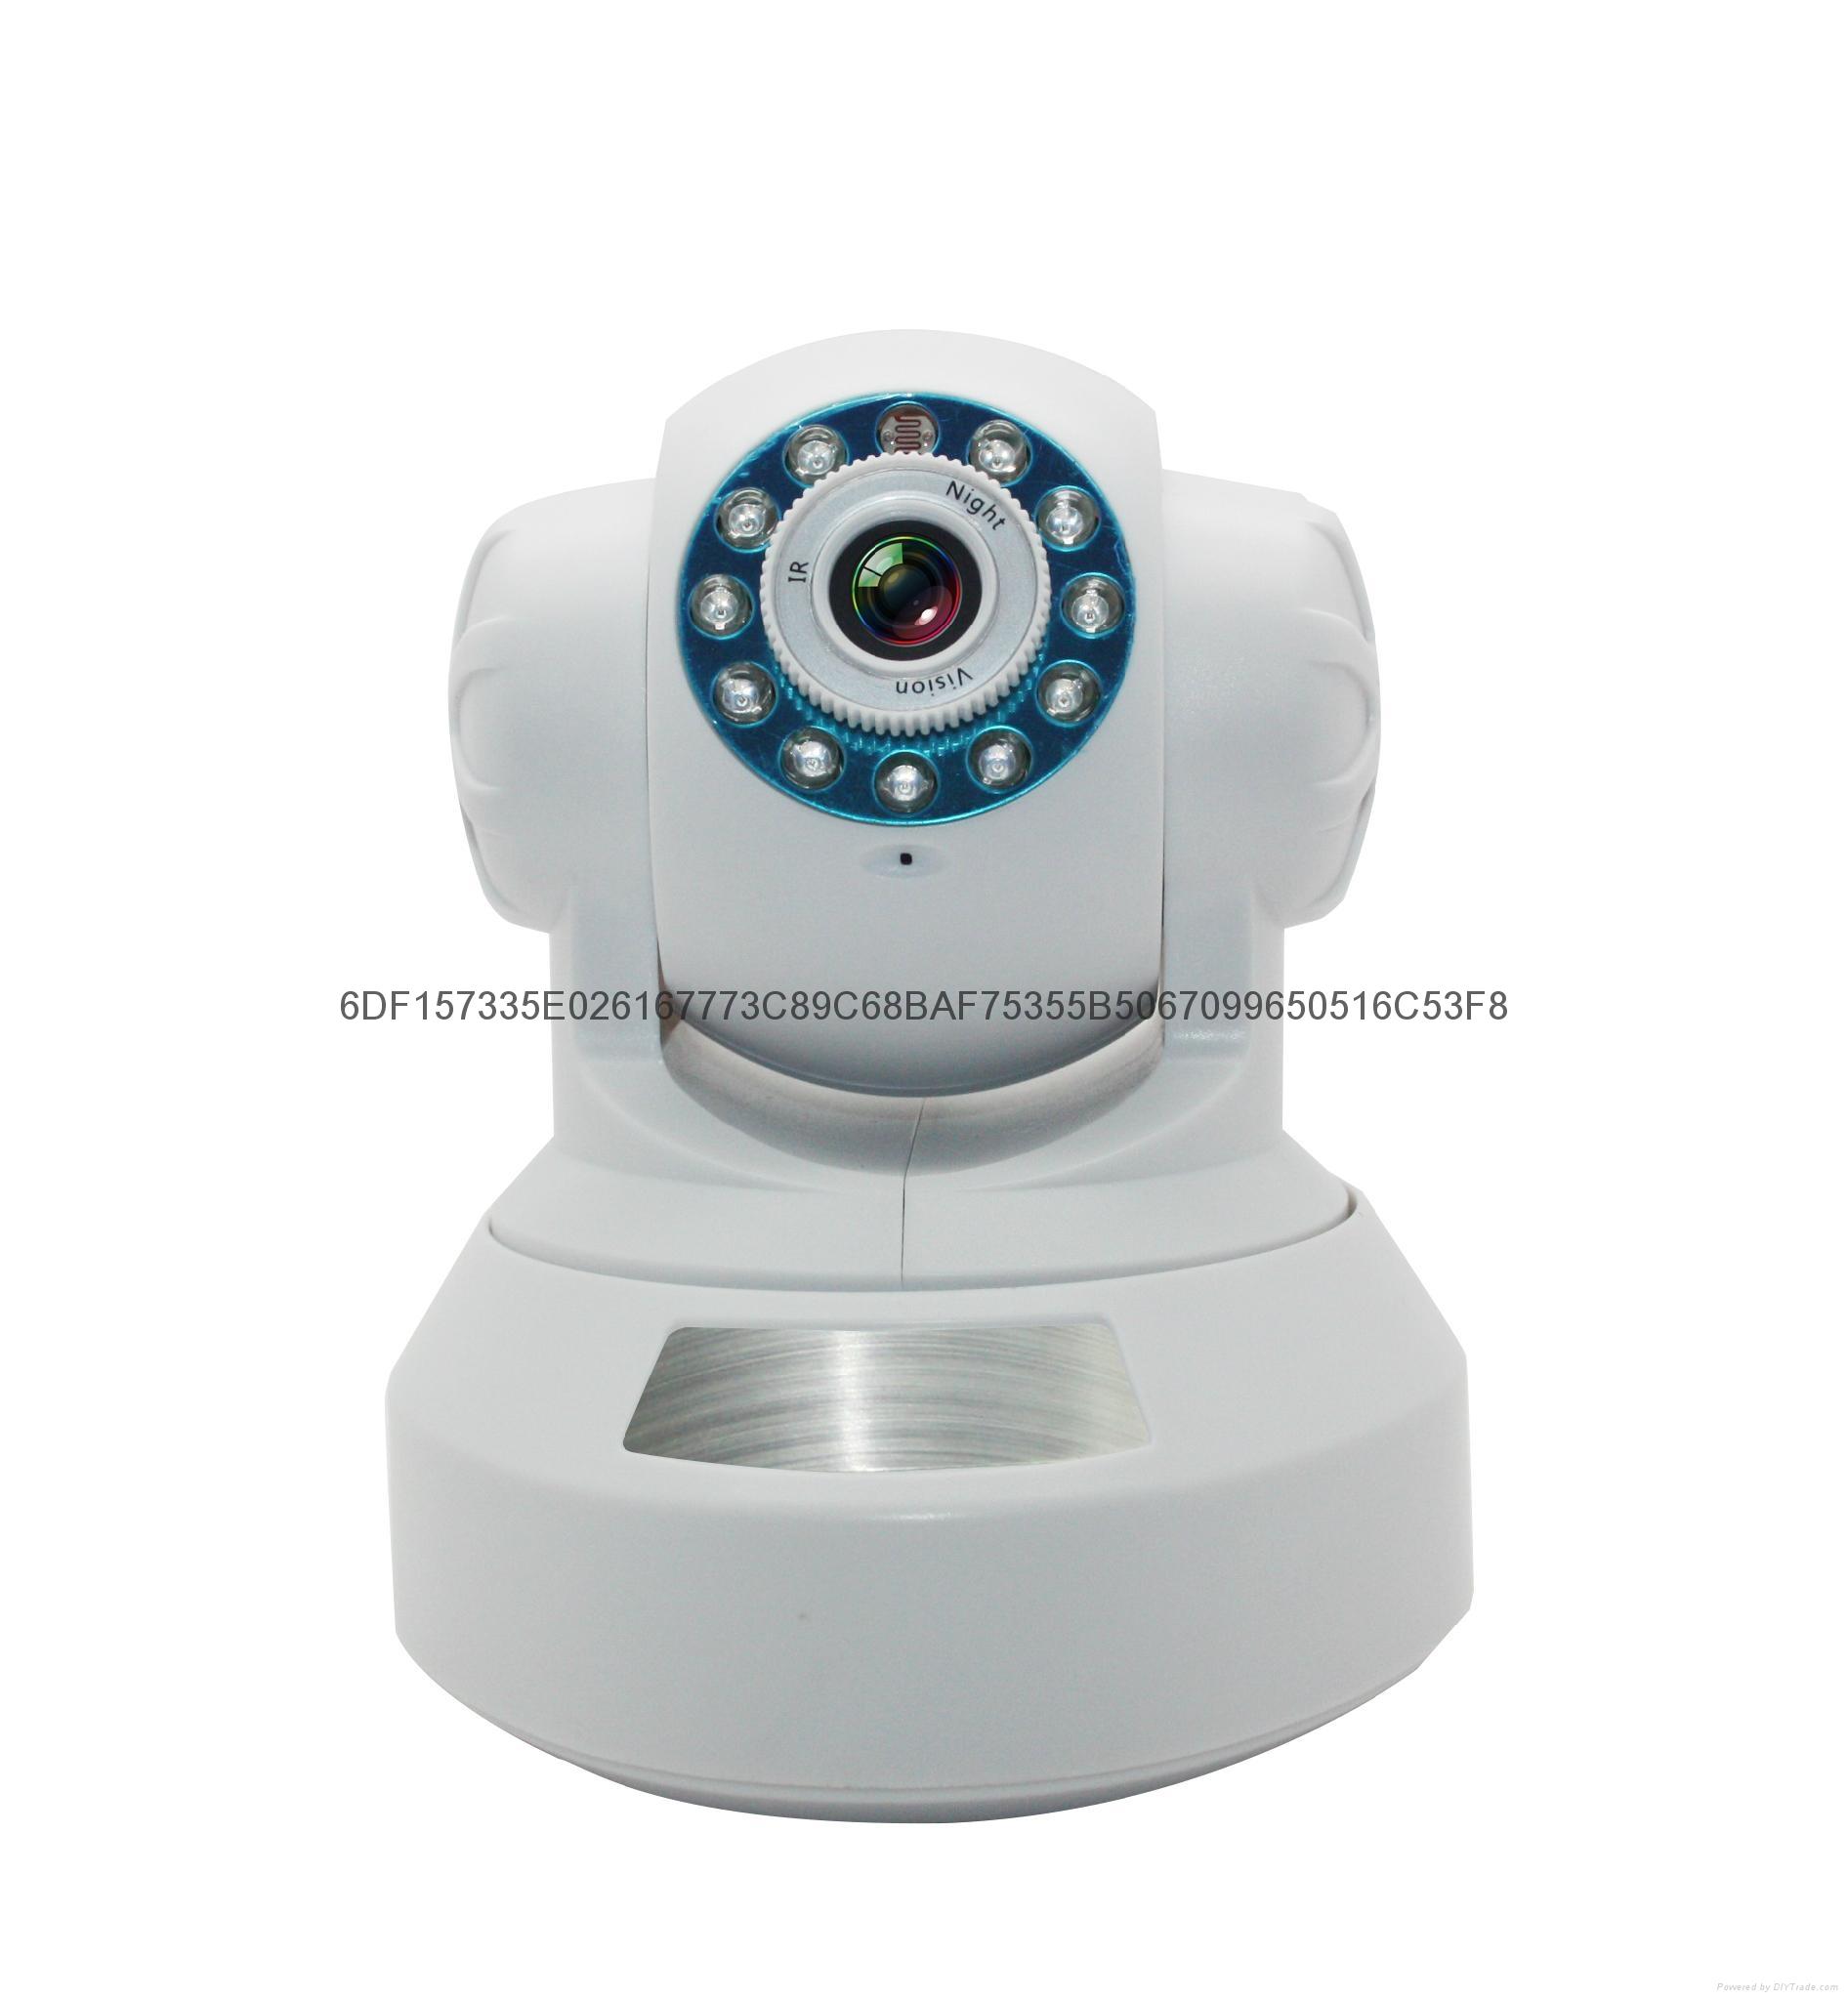 高清网络摄像机 2